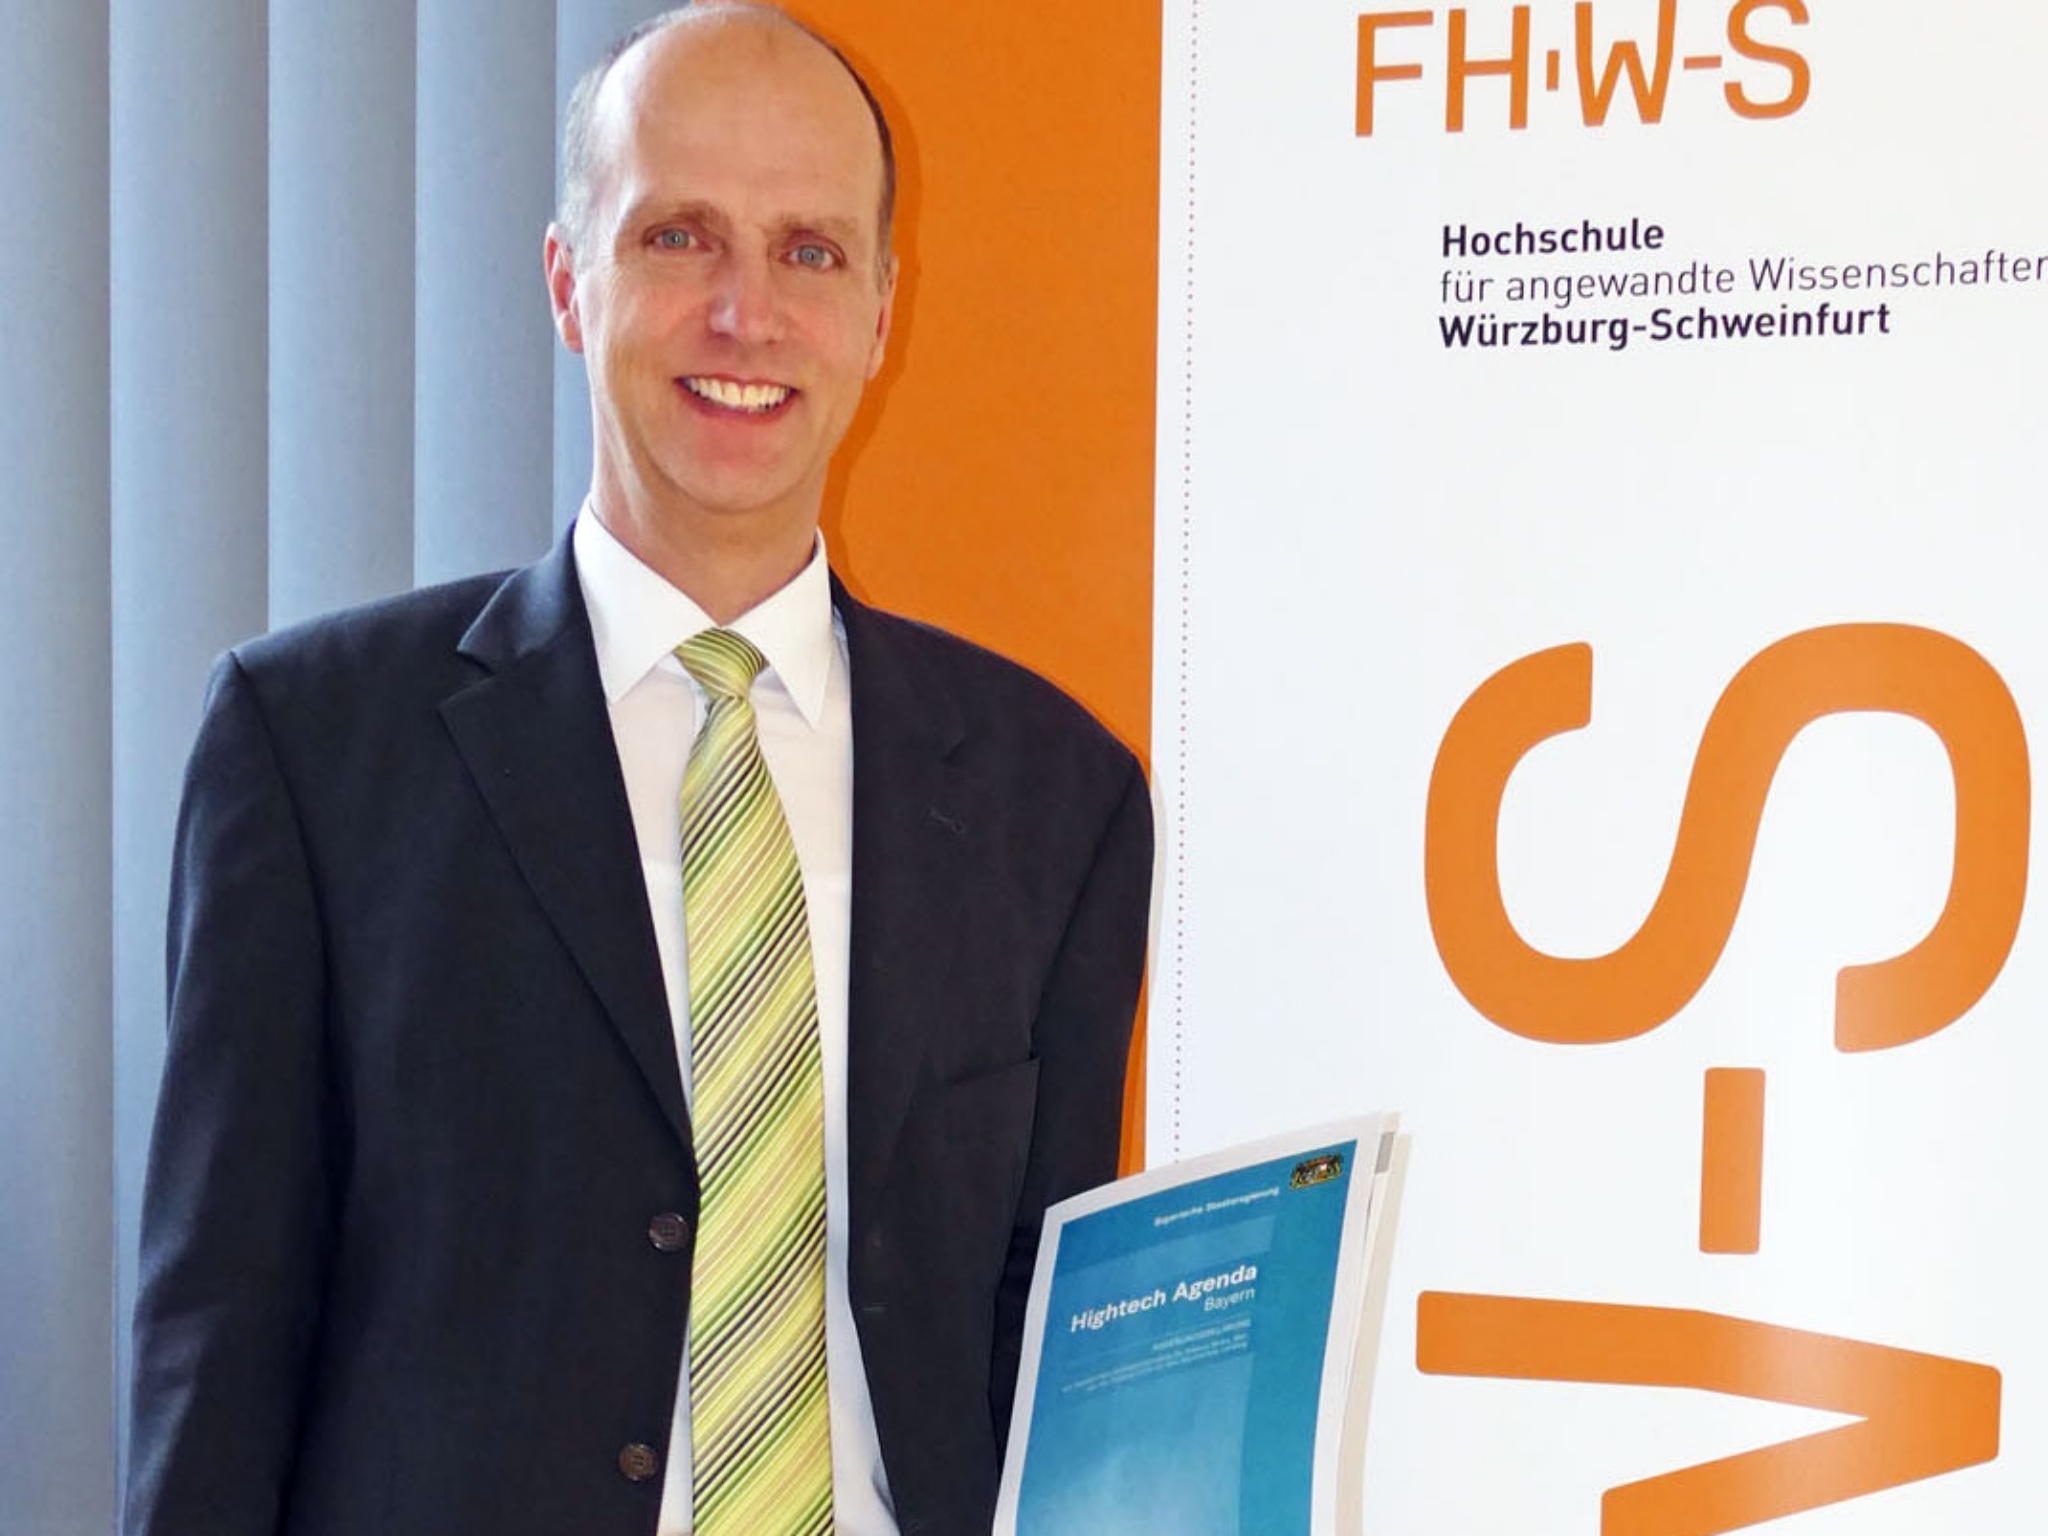 """FHWS-Präsident Professor Dr. Robert Grebner freut sich über die Förderungen, die mit der """"Hightech Agenda Bayern"""" für die FHWS verbunden sind. Foto: FHWS / Klein"""